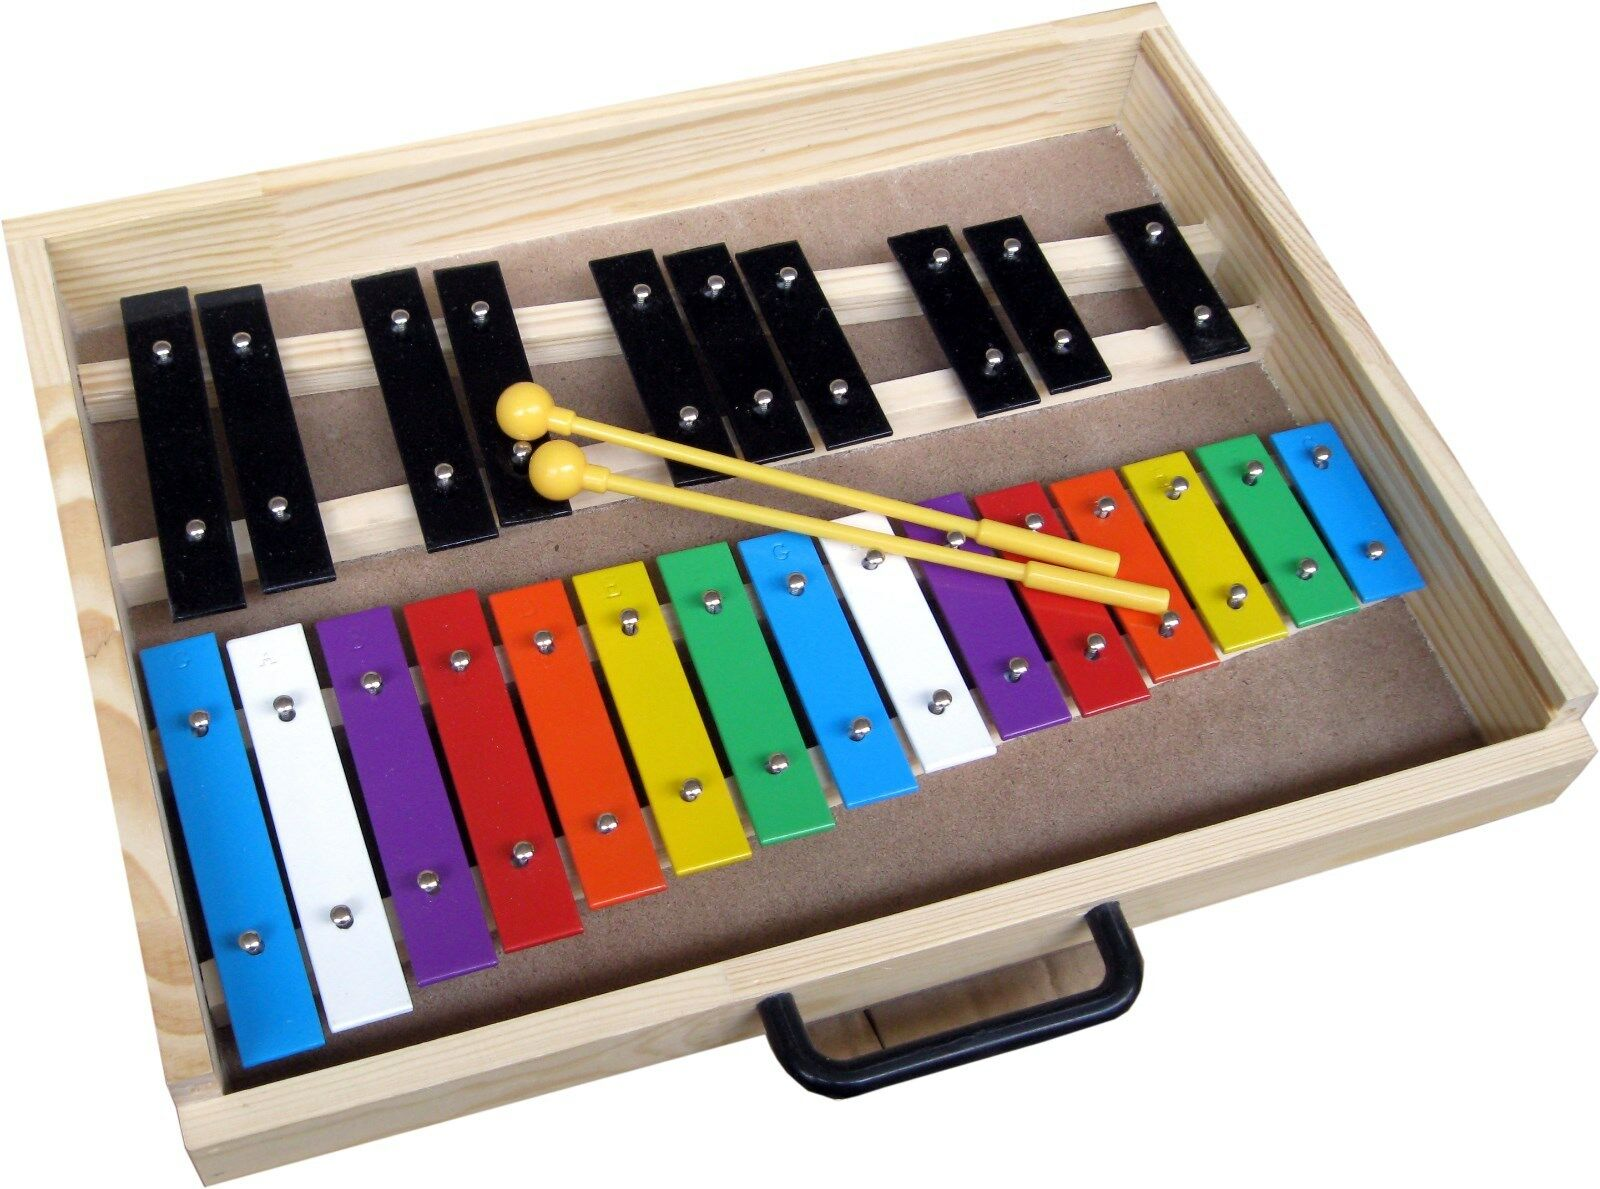 METALLOPHON IN DER BOX, Xylophon chromatisch, 25 BUNTE Klänge +2SOUNDEGGS GRATIS